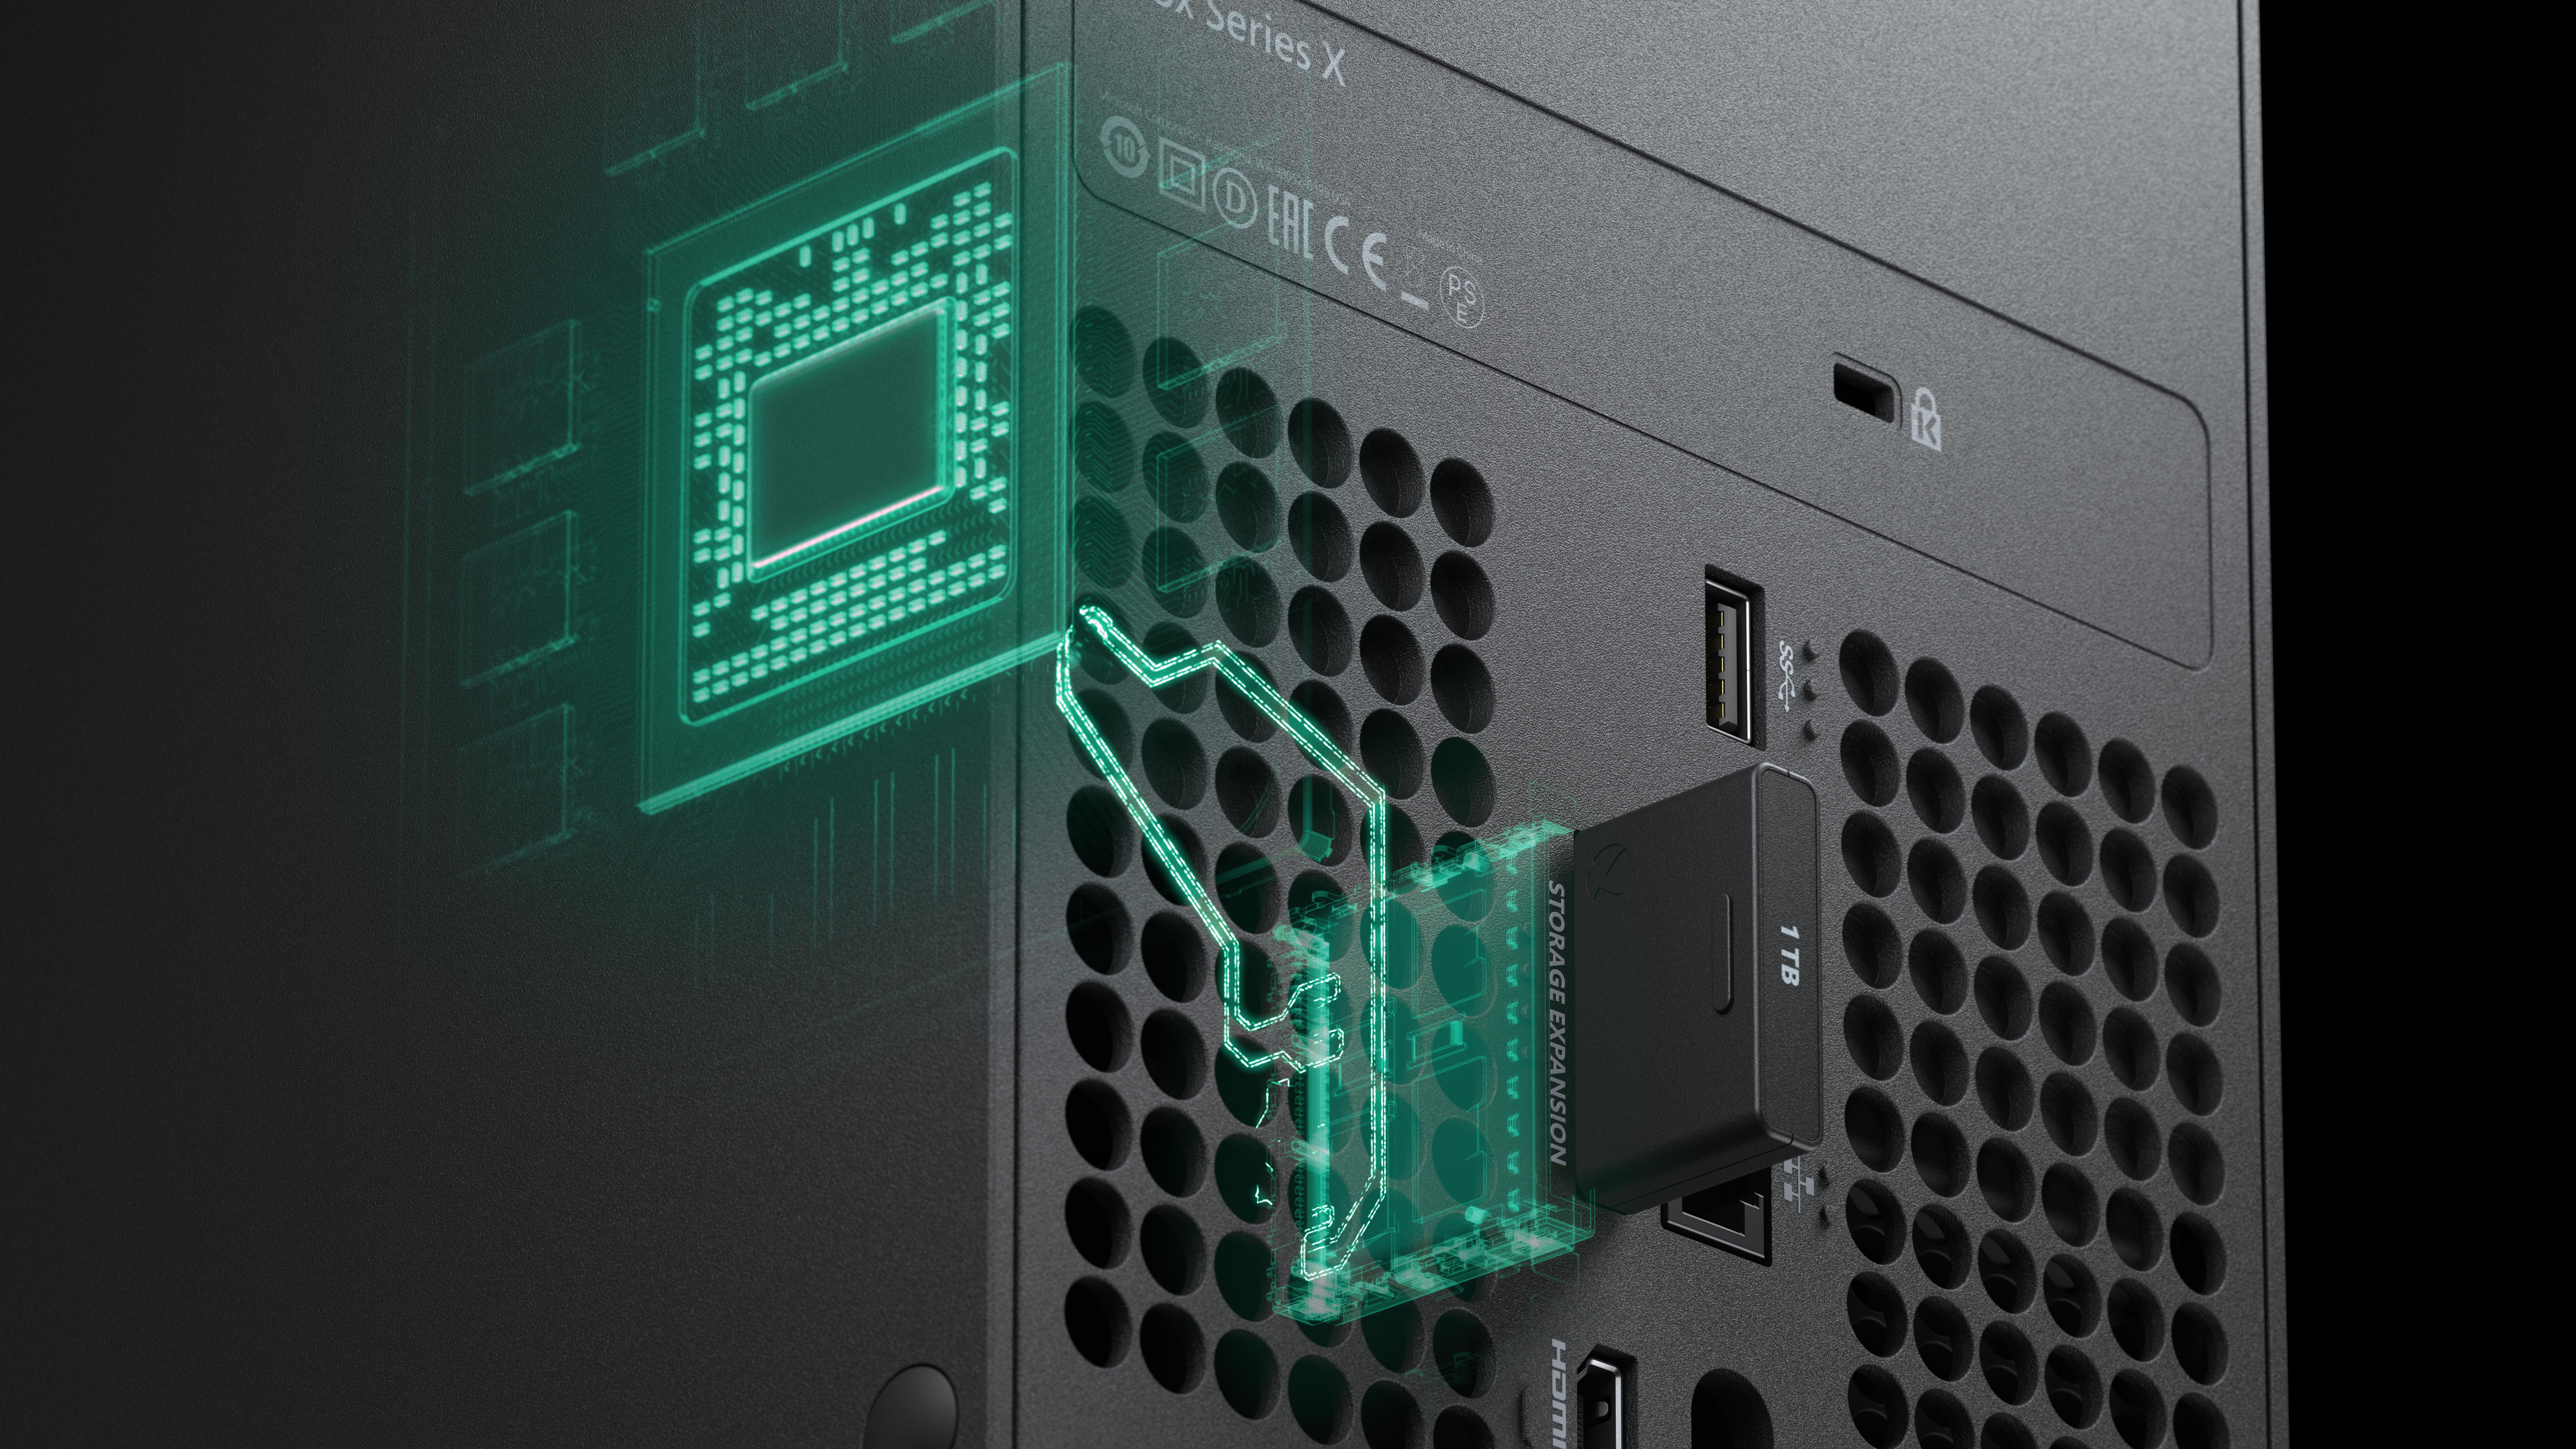 Si le disque dur interne de 1TB est insuffisant, il est possible d'en ajouter un deuxième grâce à la fente d'extension